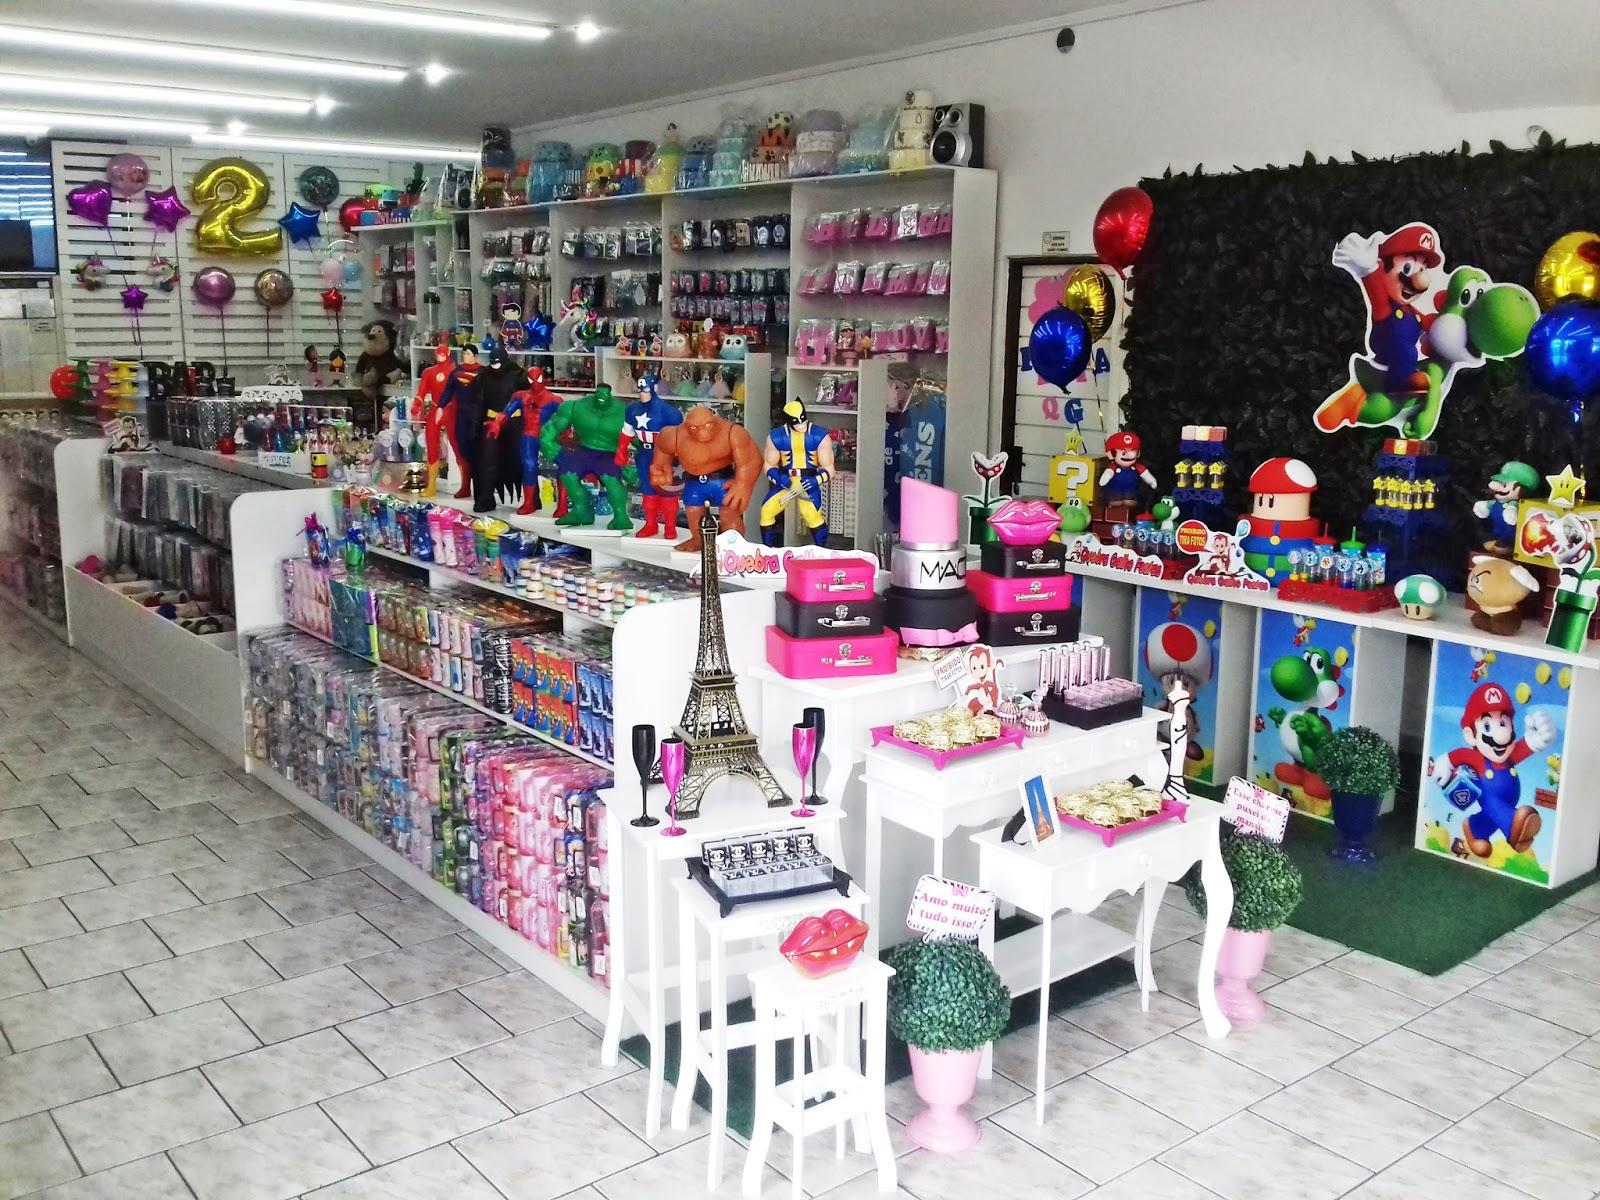 2bc54138f585 Loja de Artigos de Festas Decoração e Lembrancinhas Zona Norte SP. Jd.  Brasil